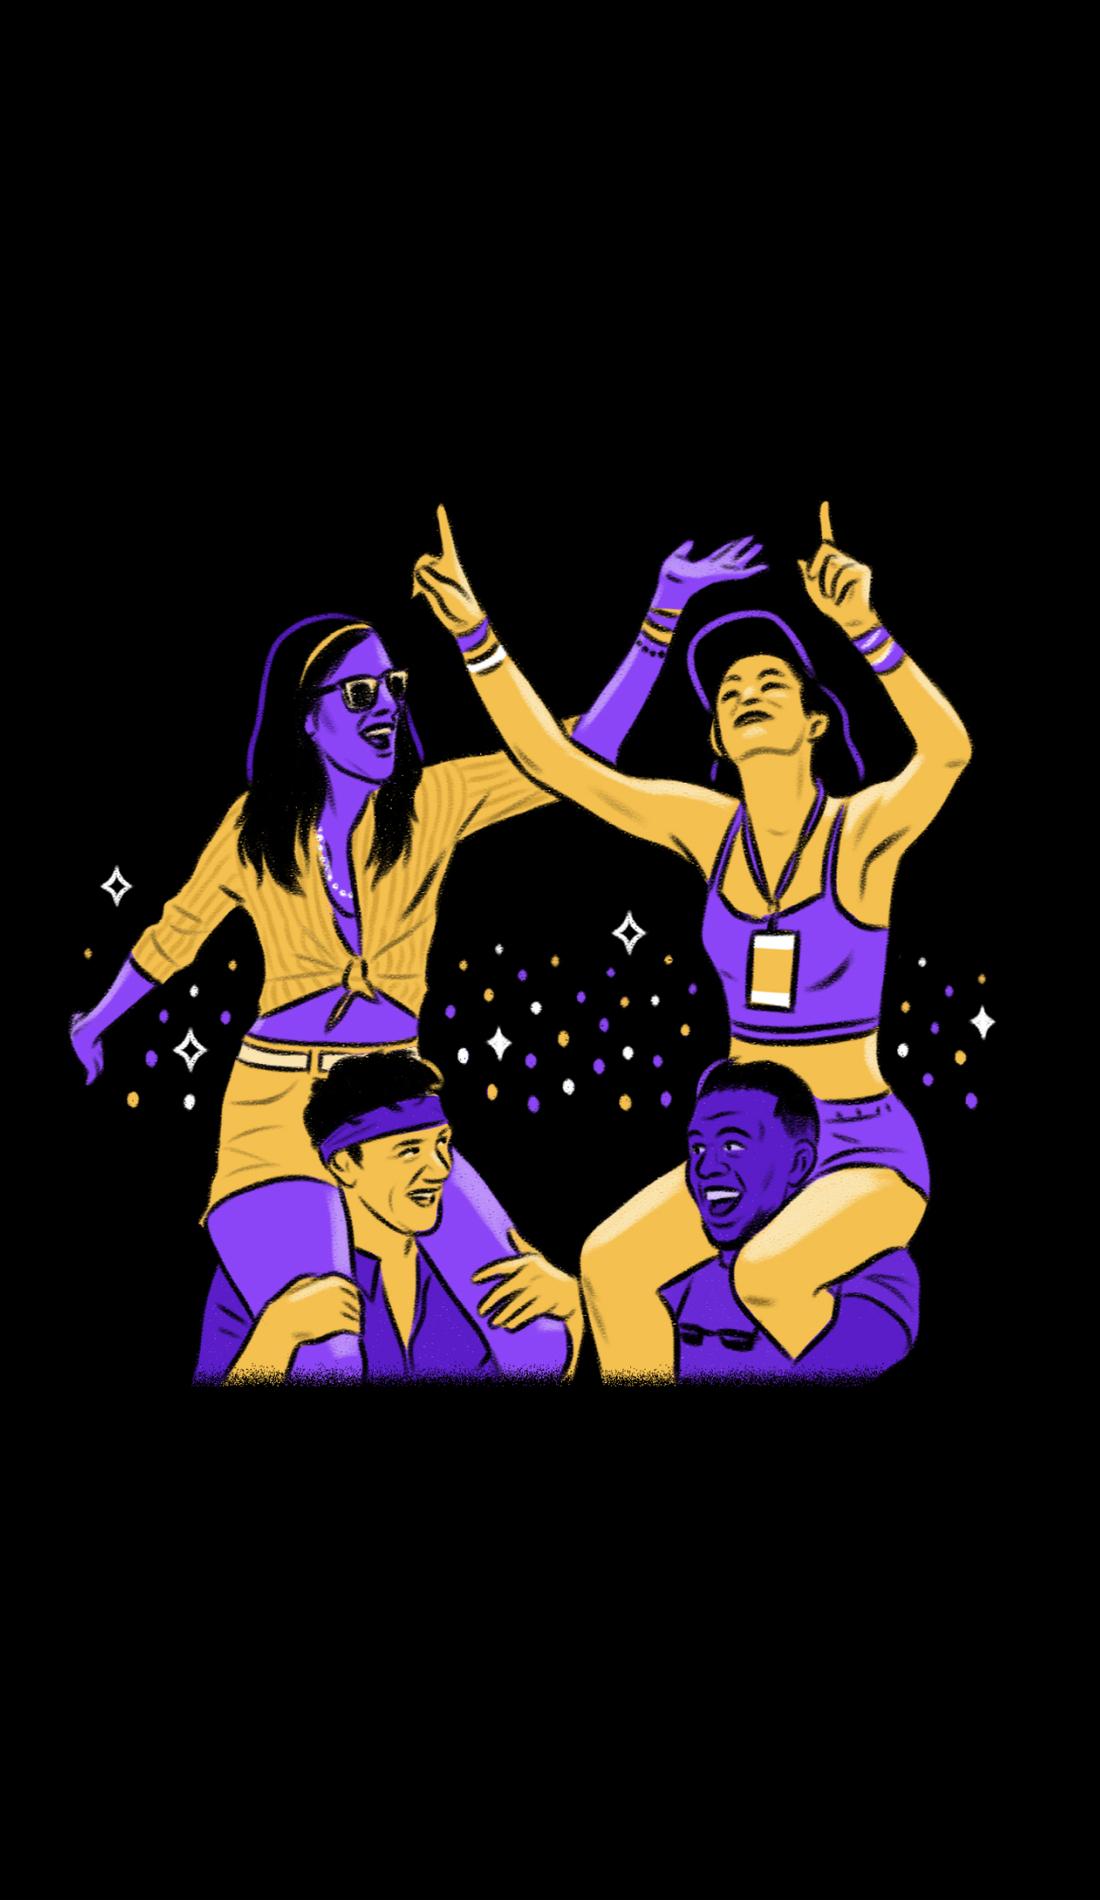 A Noise Pop Festival live event